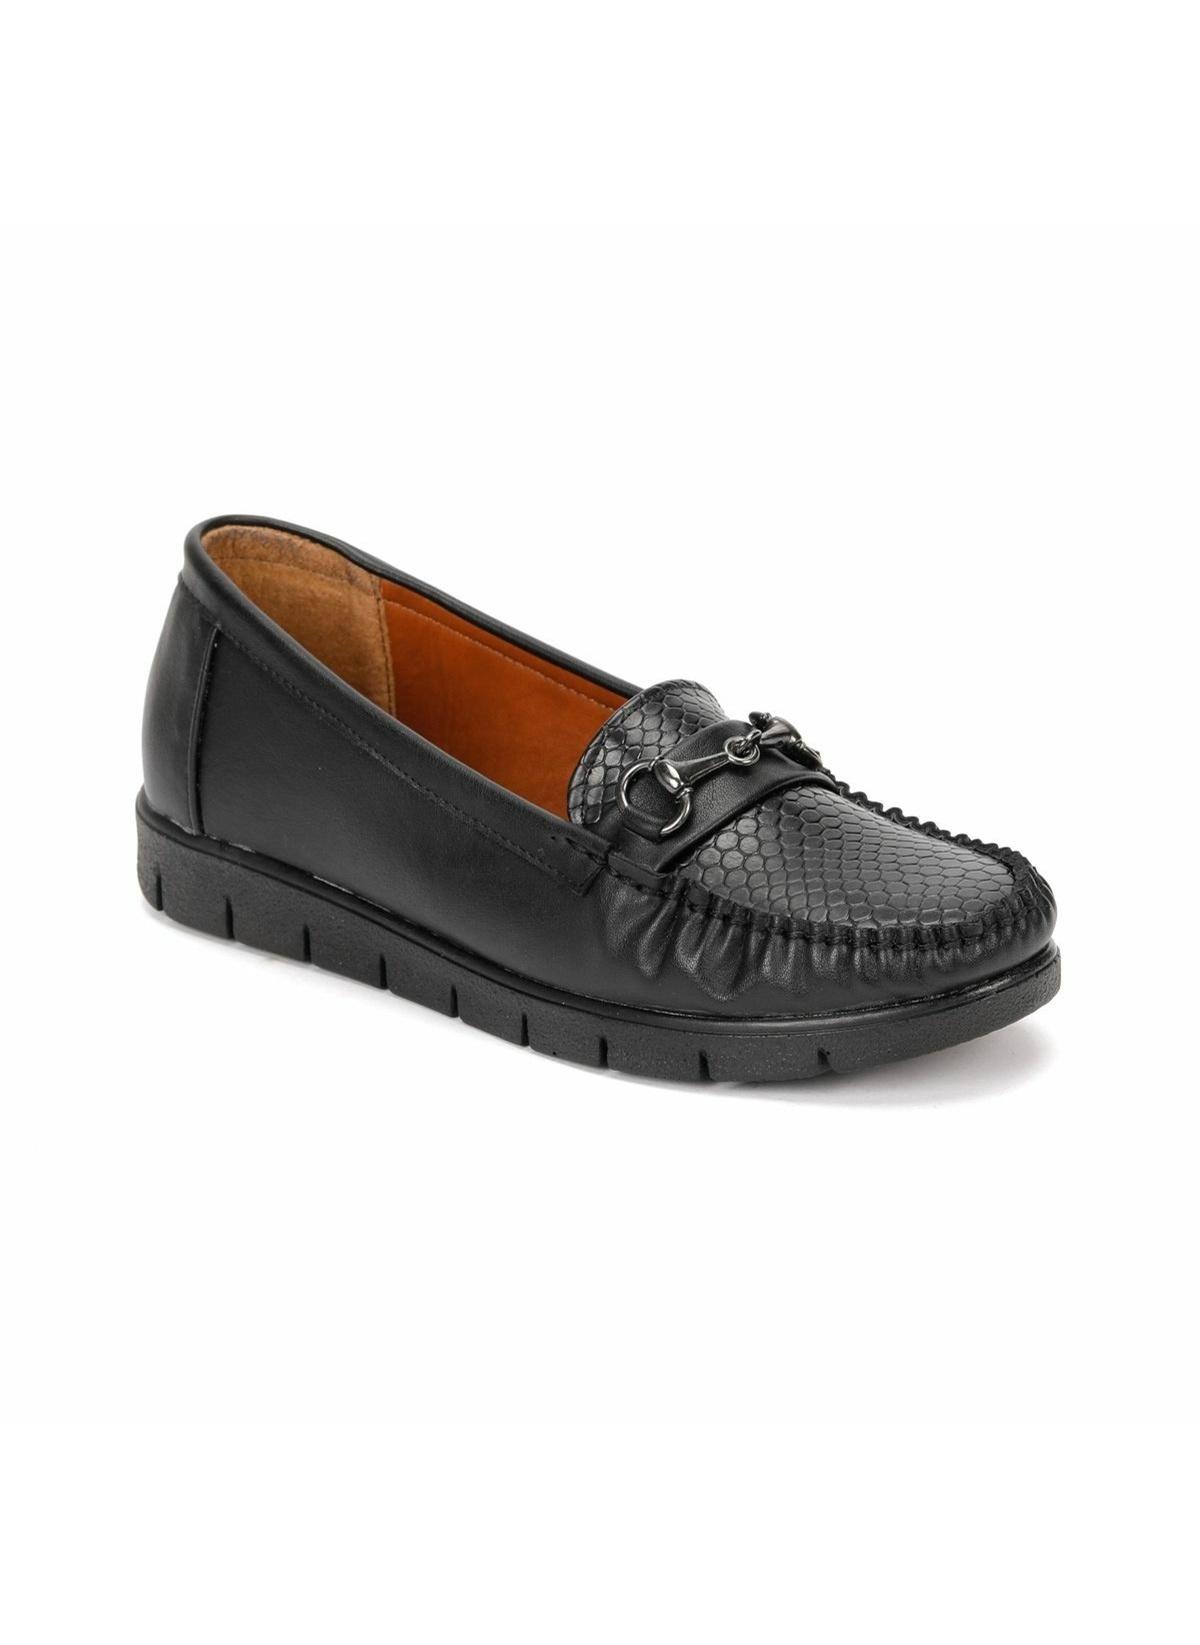 Polaris Ayakkabı 81.157224.z Basic Comfort – 89.99 TL